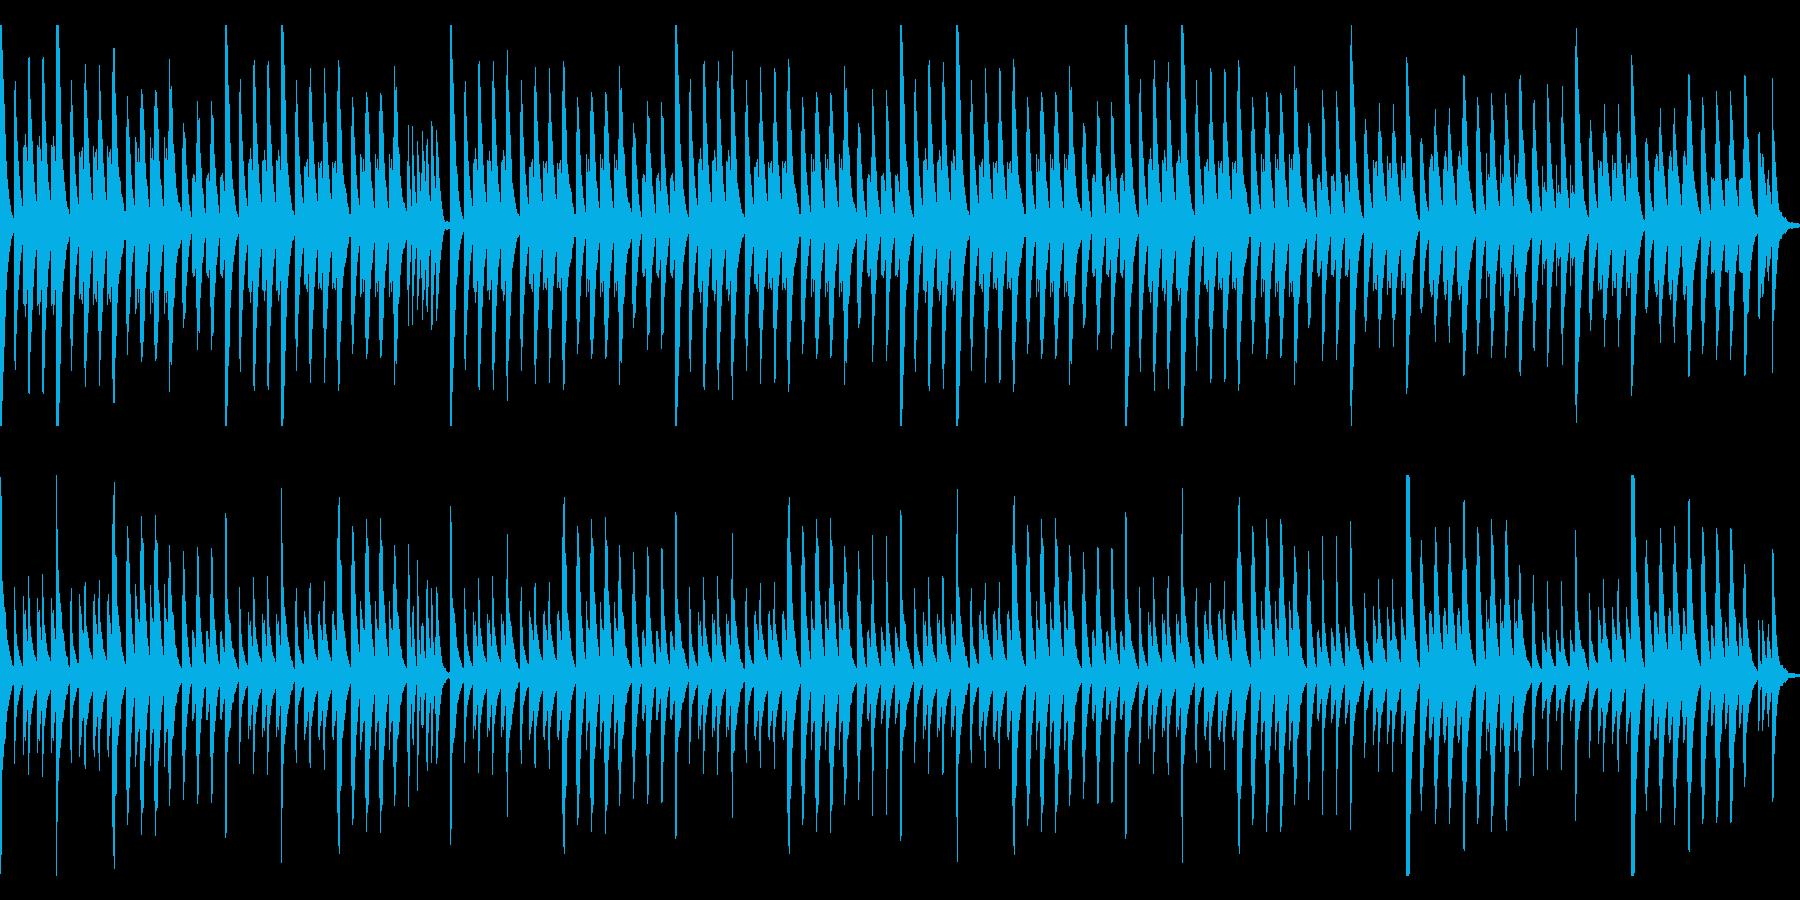 木琴(マリンバ)のシンプルなループ曲の再生済みの波形